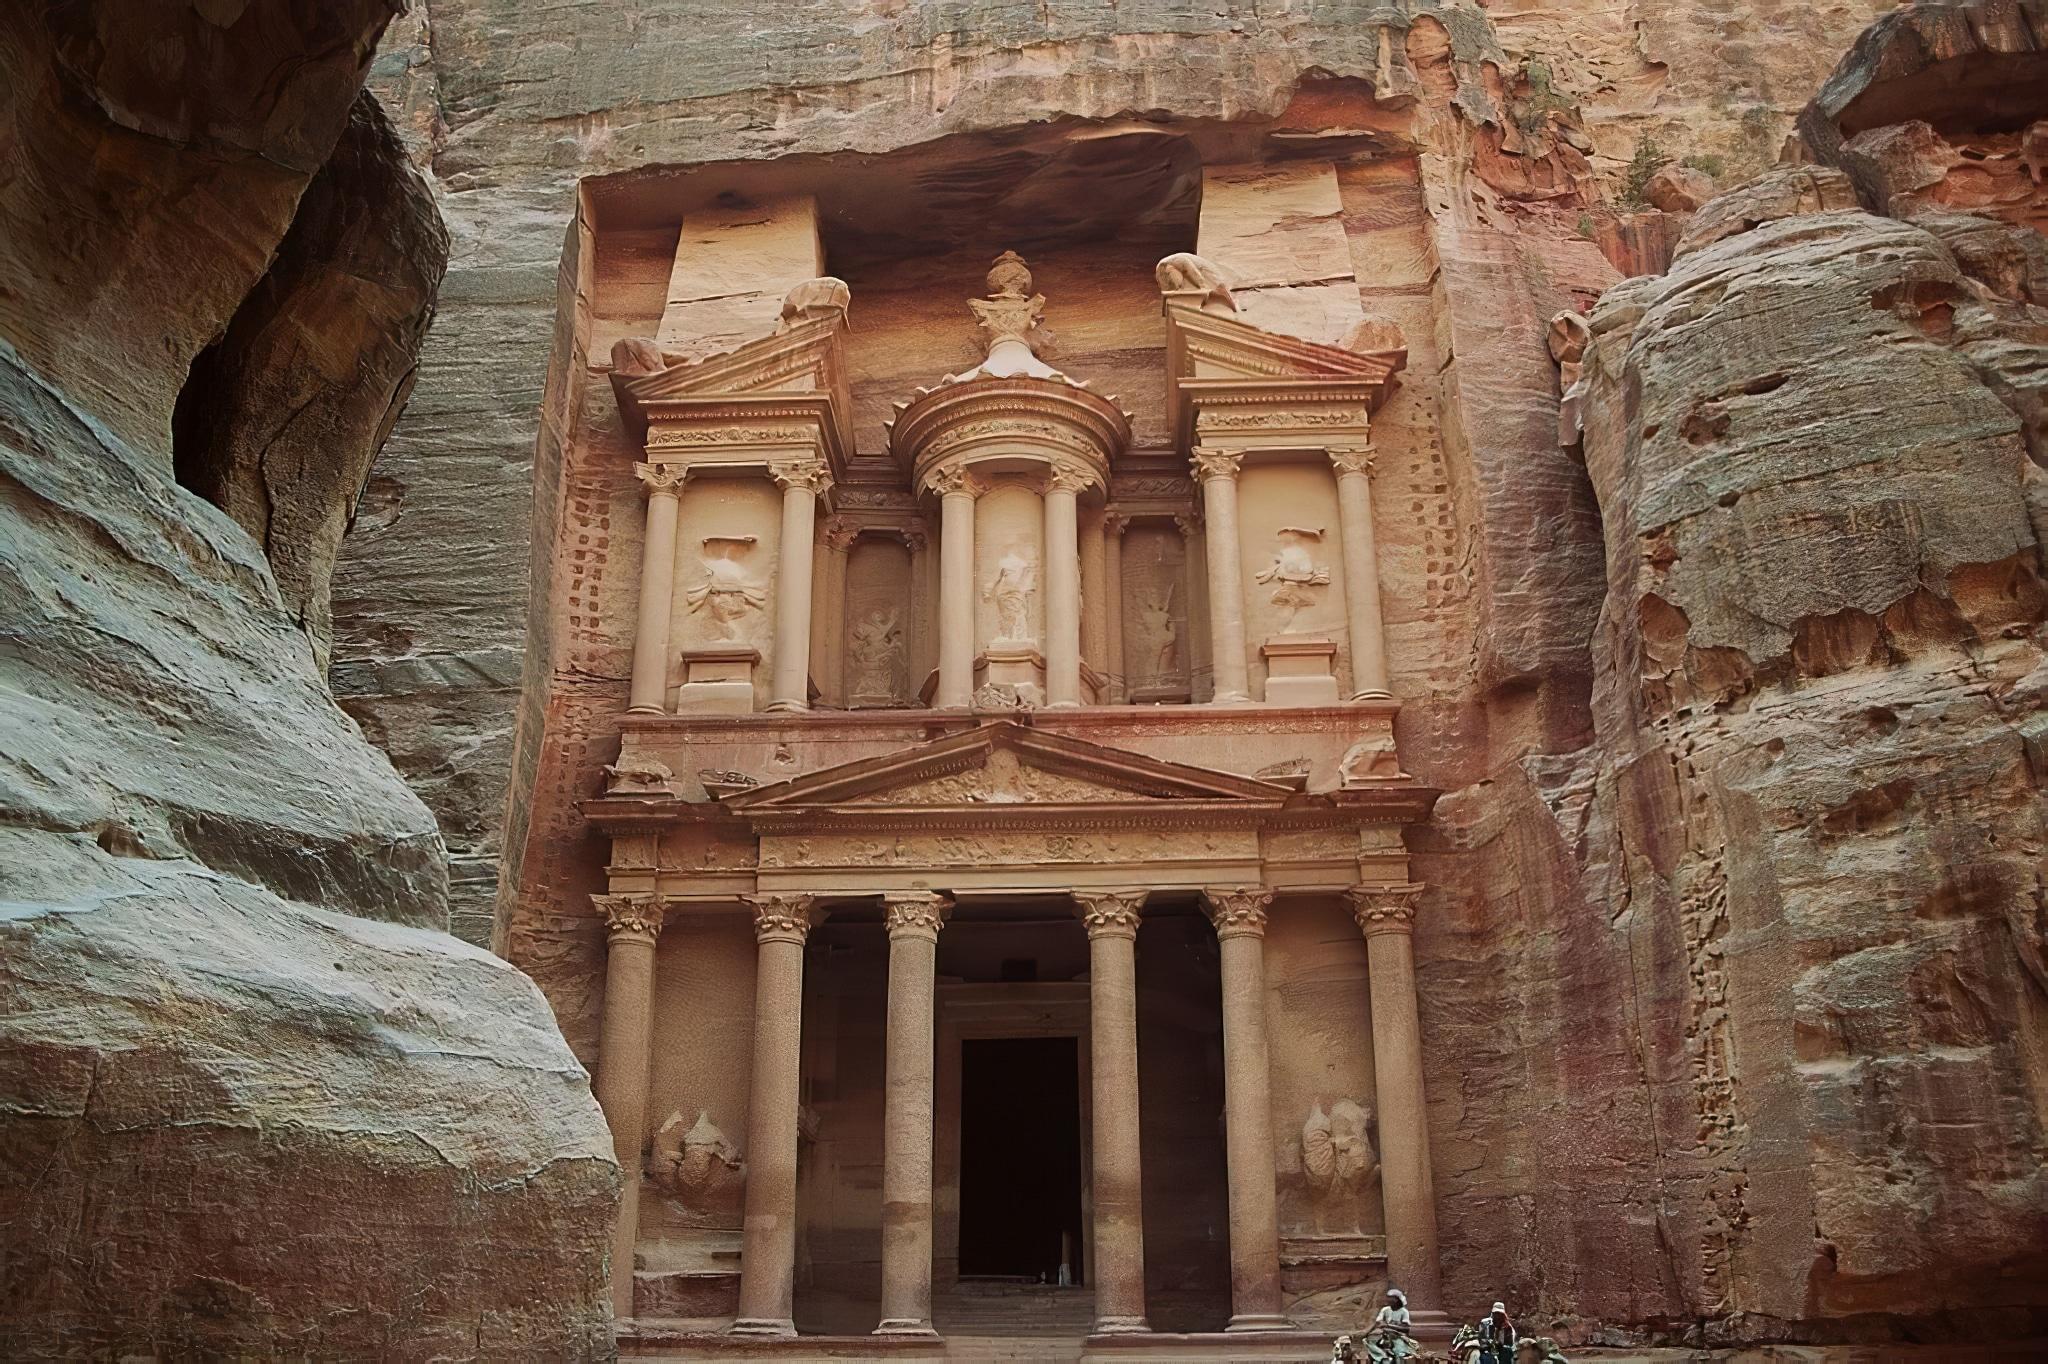 Visiter Pétra en Jordanie : le guide complet